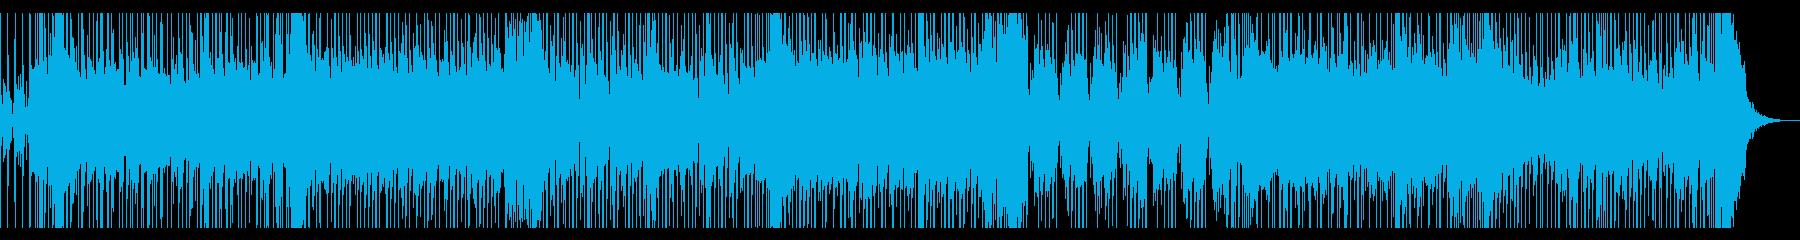 爽やかでワクワクする感じのポップロック曲の再生済みの波形